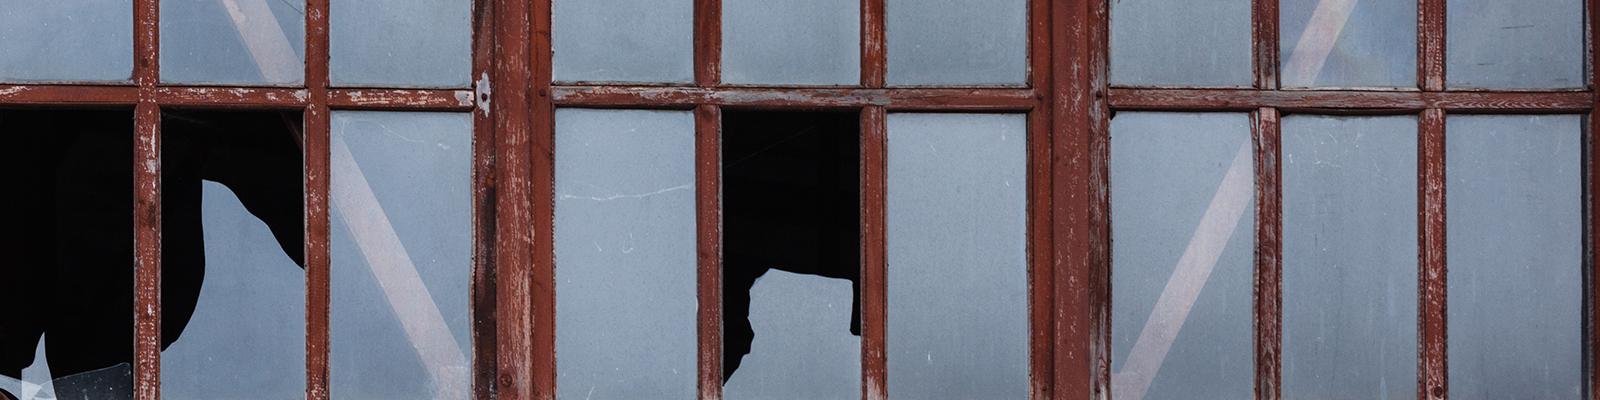 Le remplacement de fenêtre simple et double vitrage à Suresnes